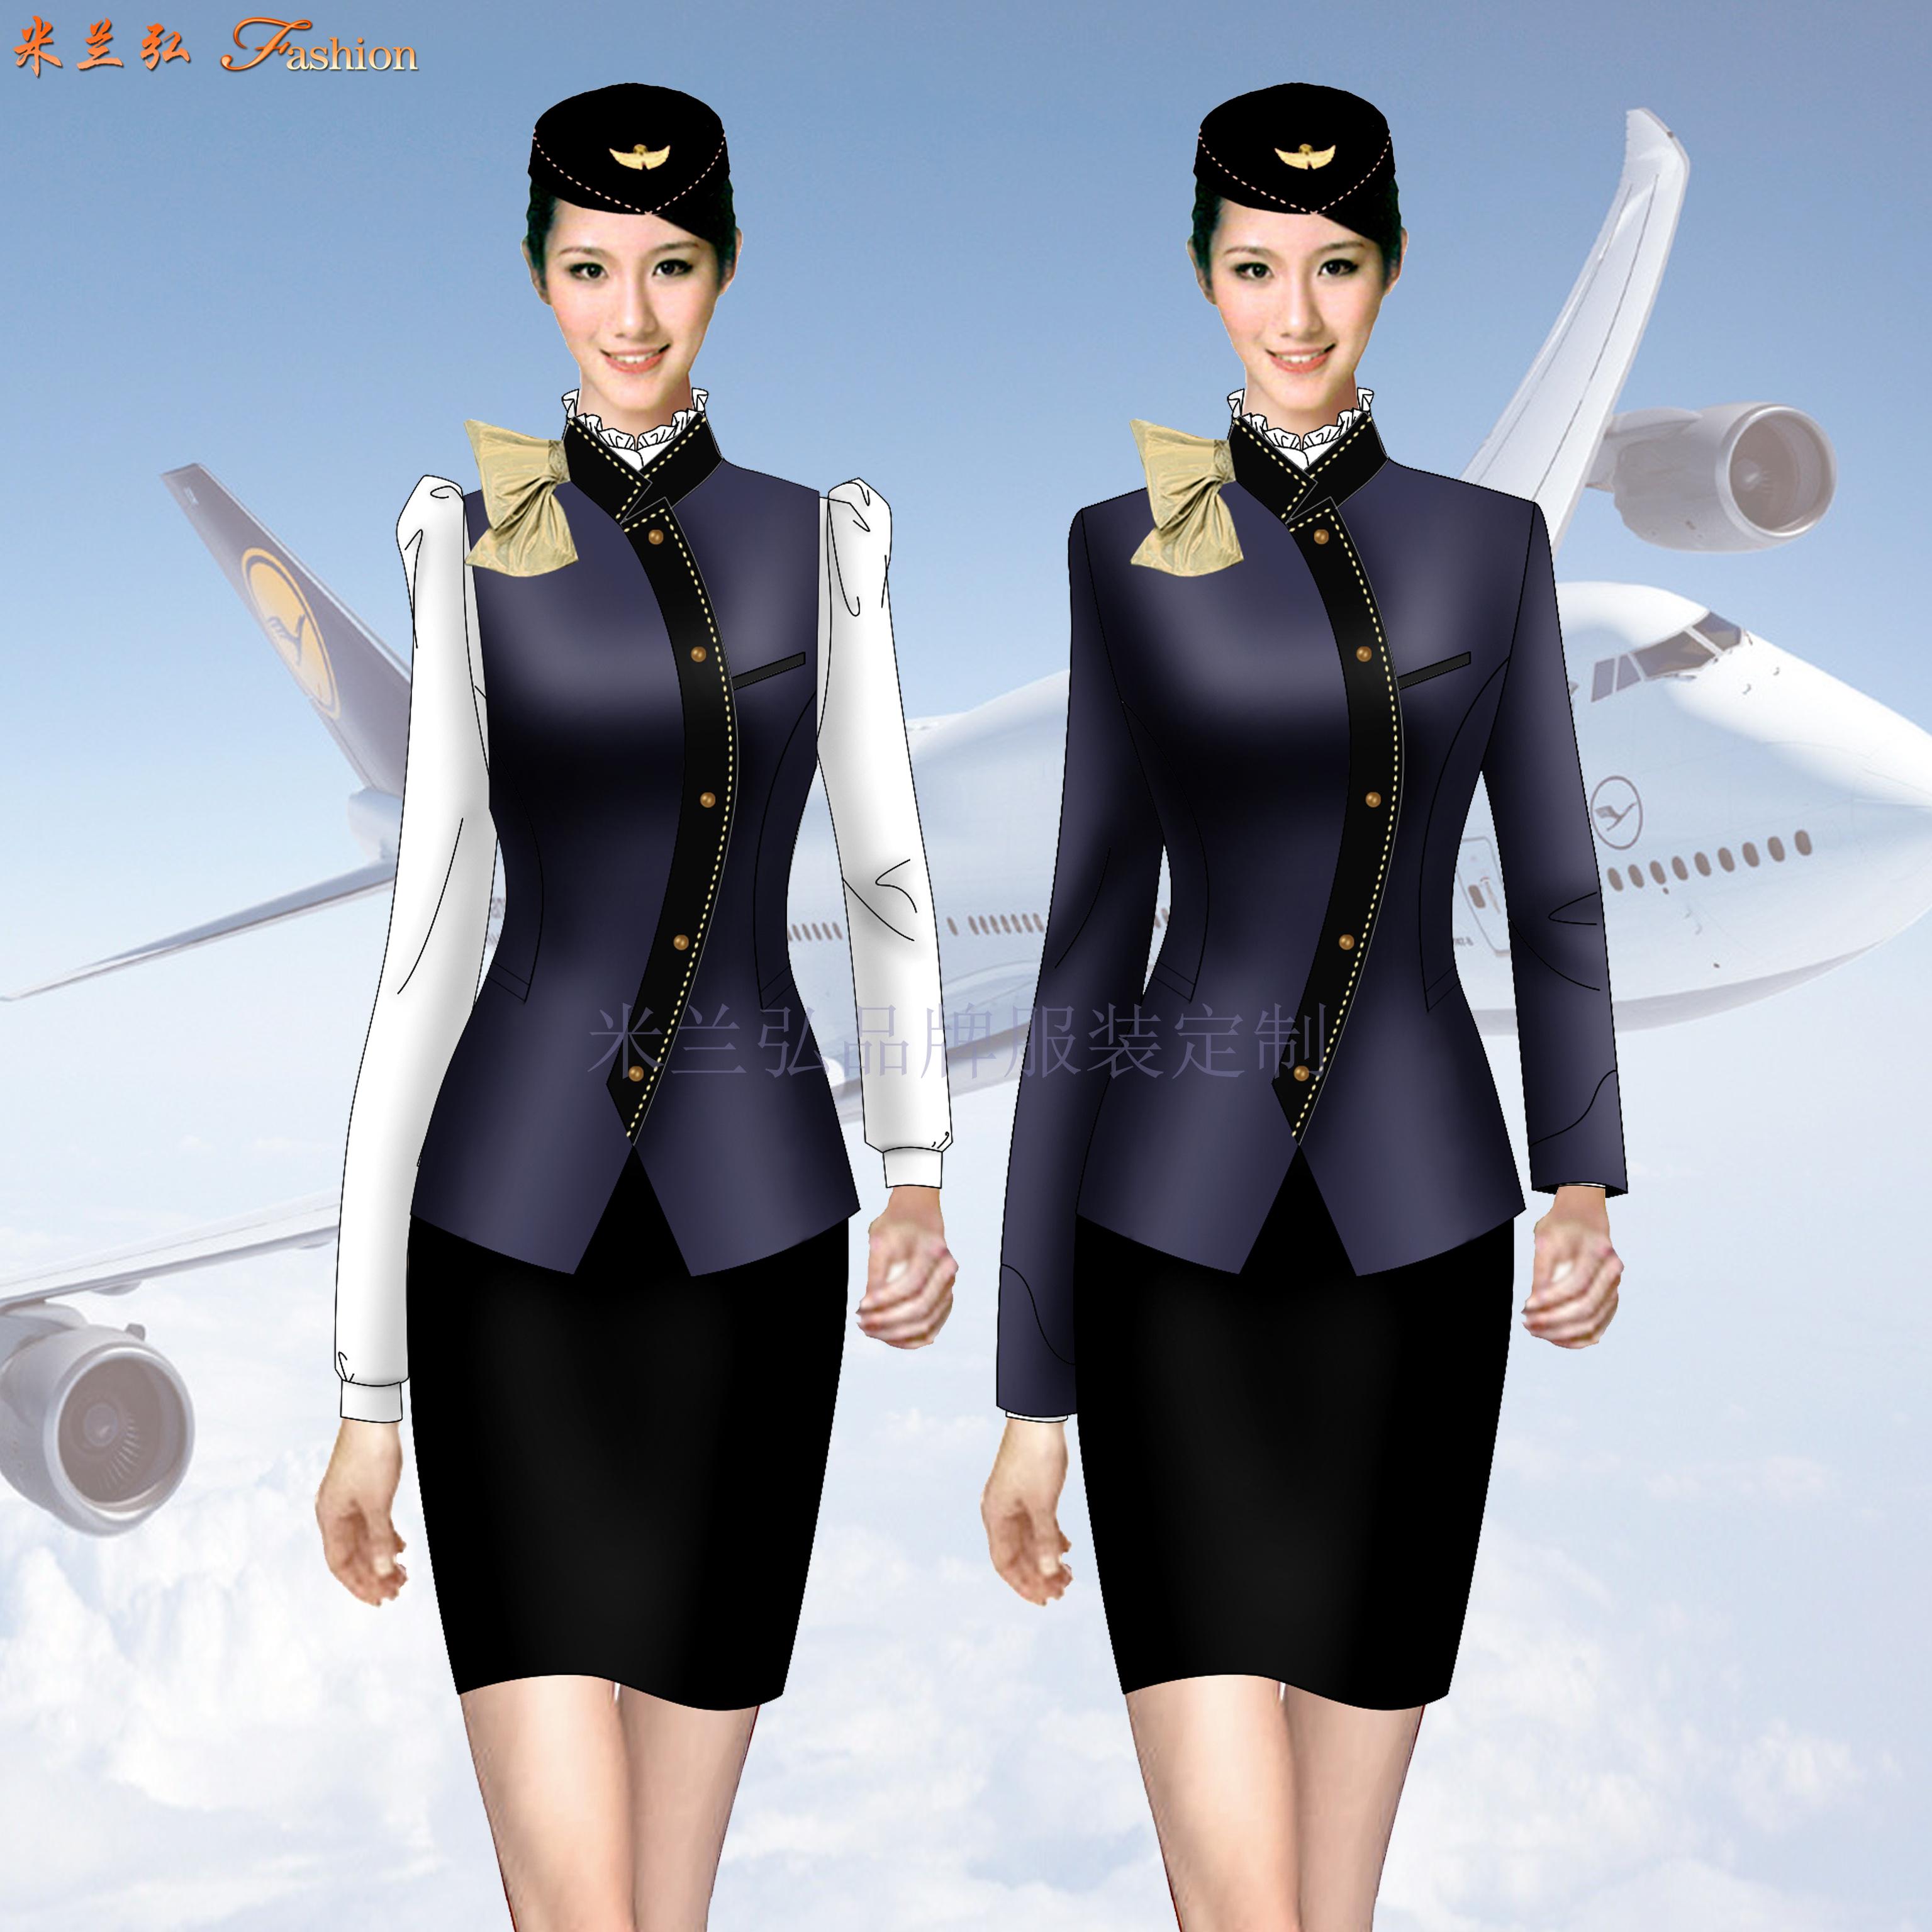 「廊坊空姐服定做」「广阳空姐服定制」「安次空姐服订制」-4